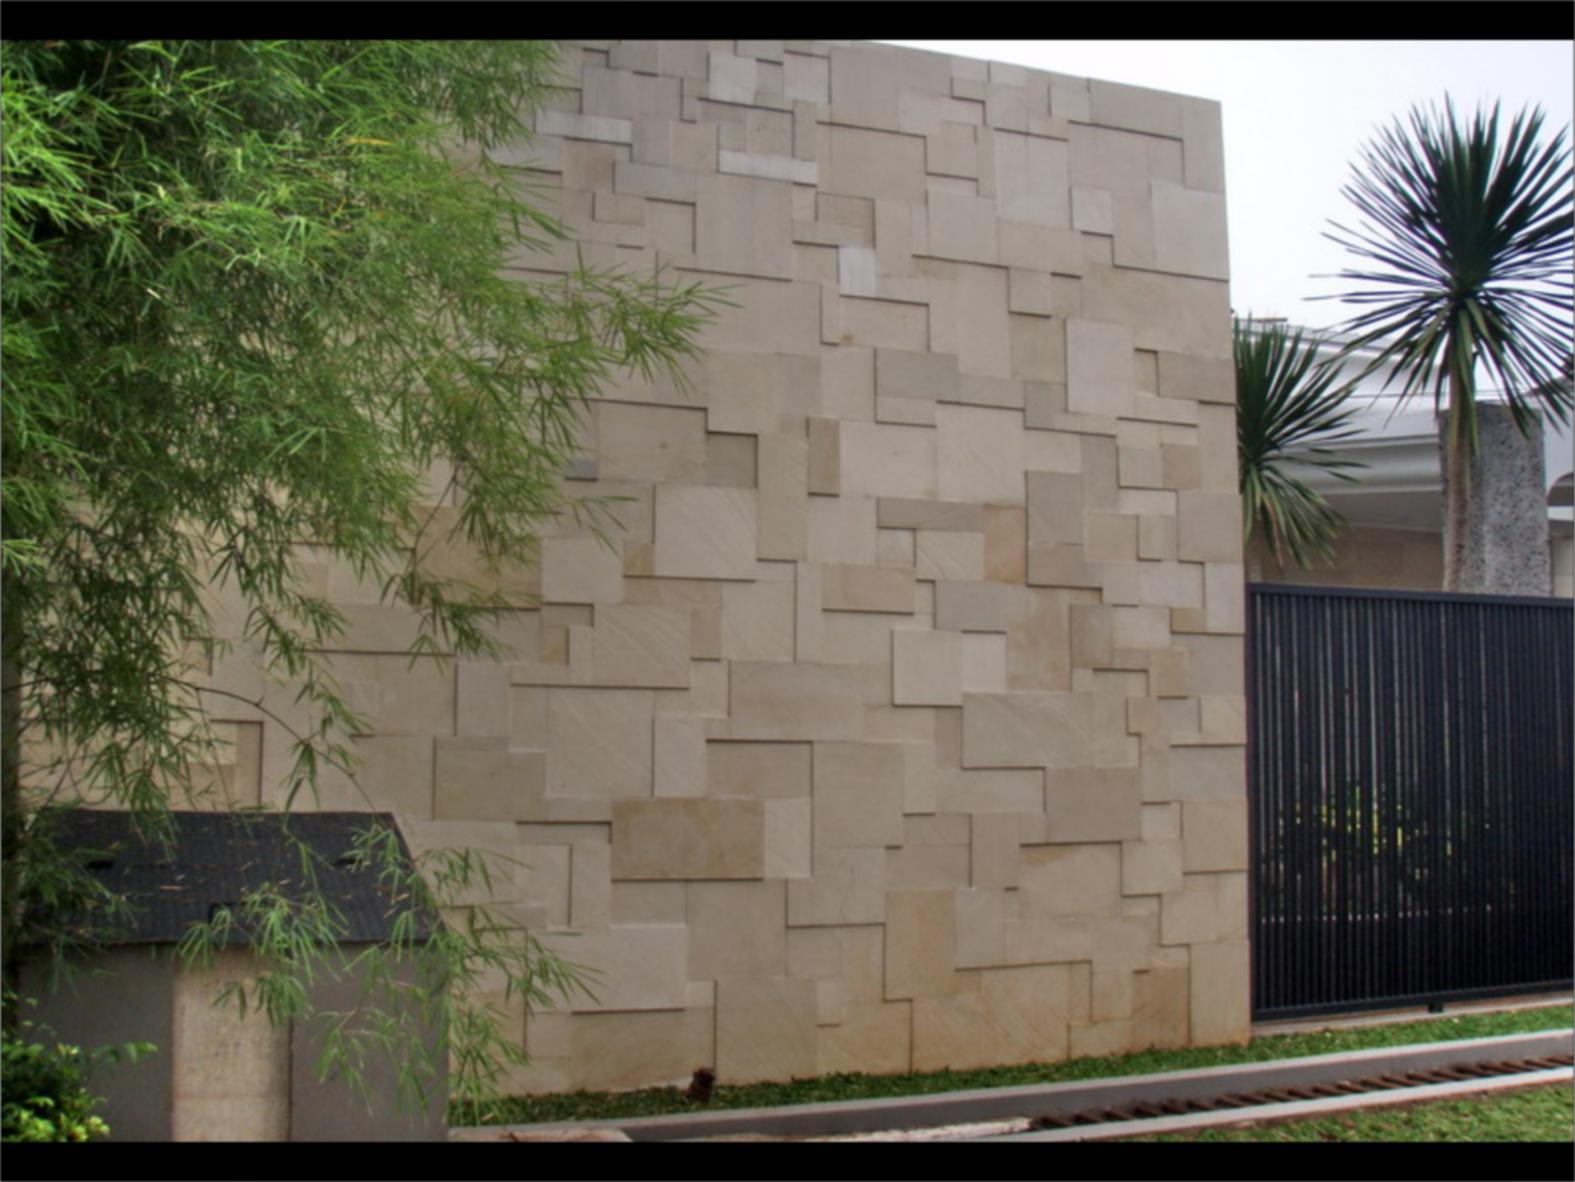 Desain Rumah 2016 Rumah Minimalis Batu Alam Images